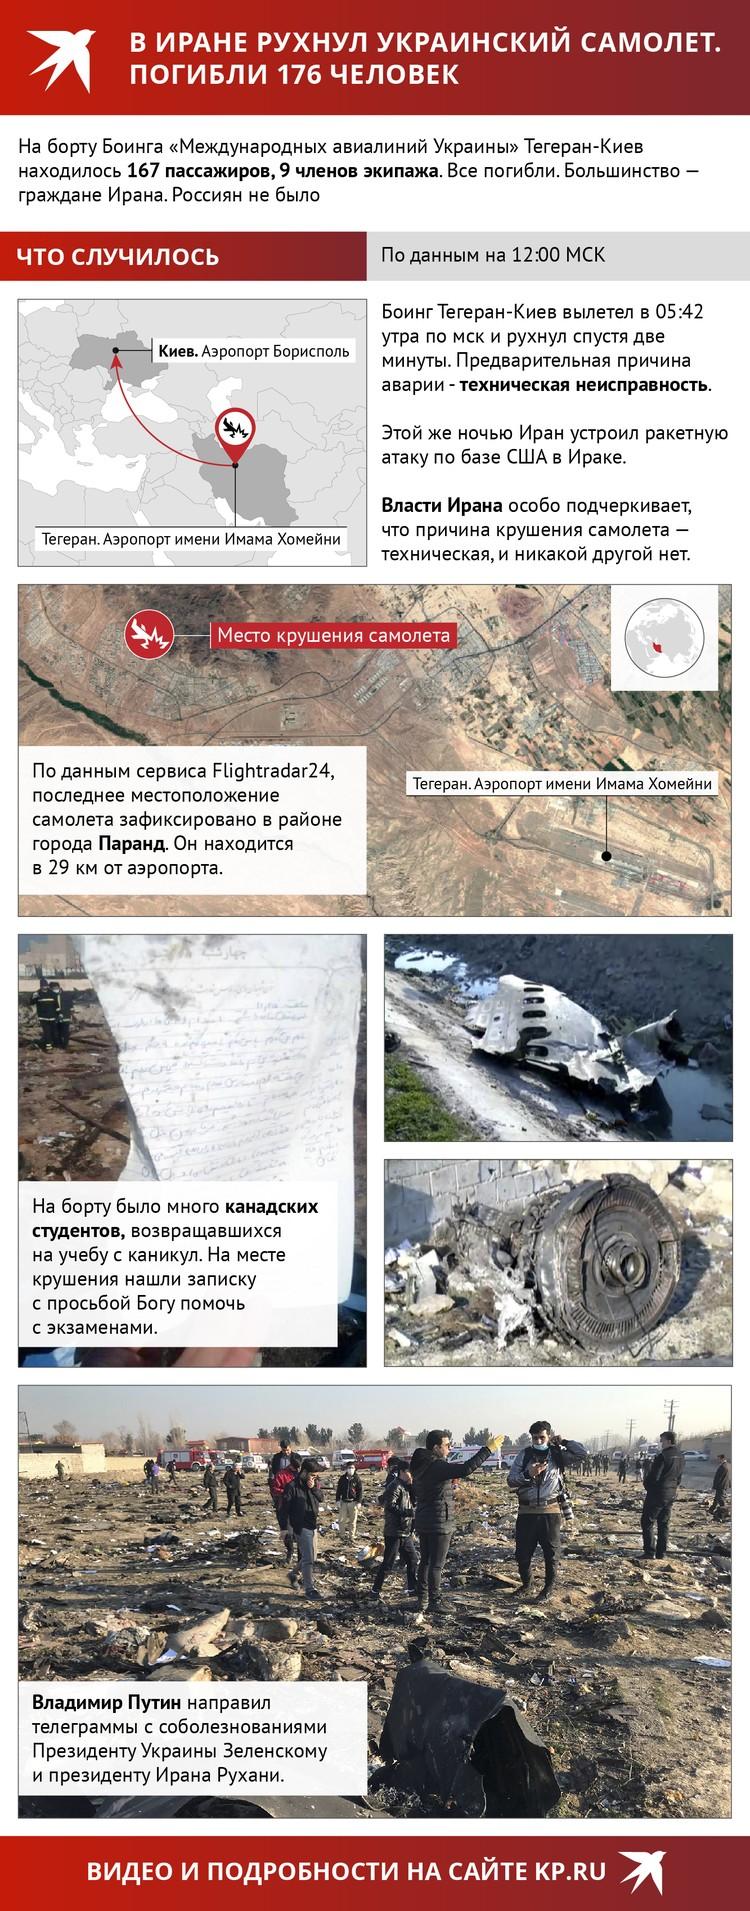 Что известно об авиакатастрофе